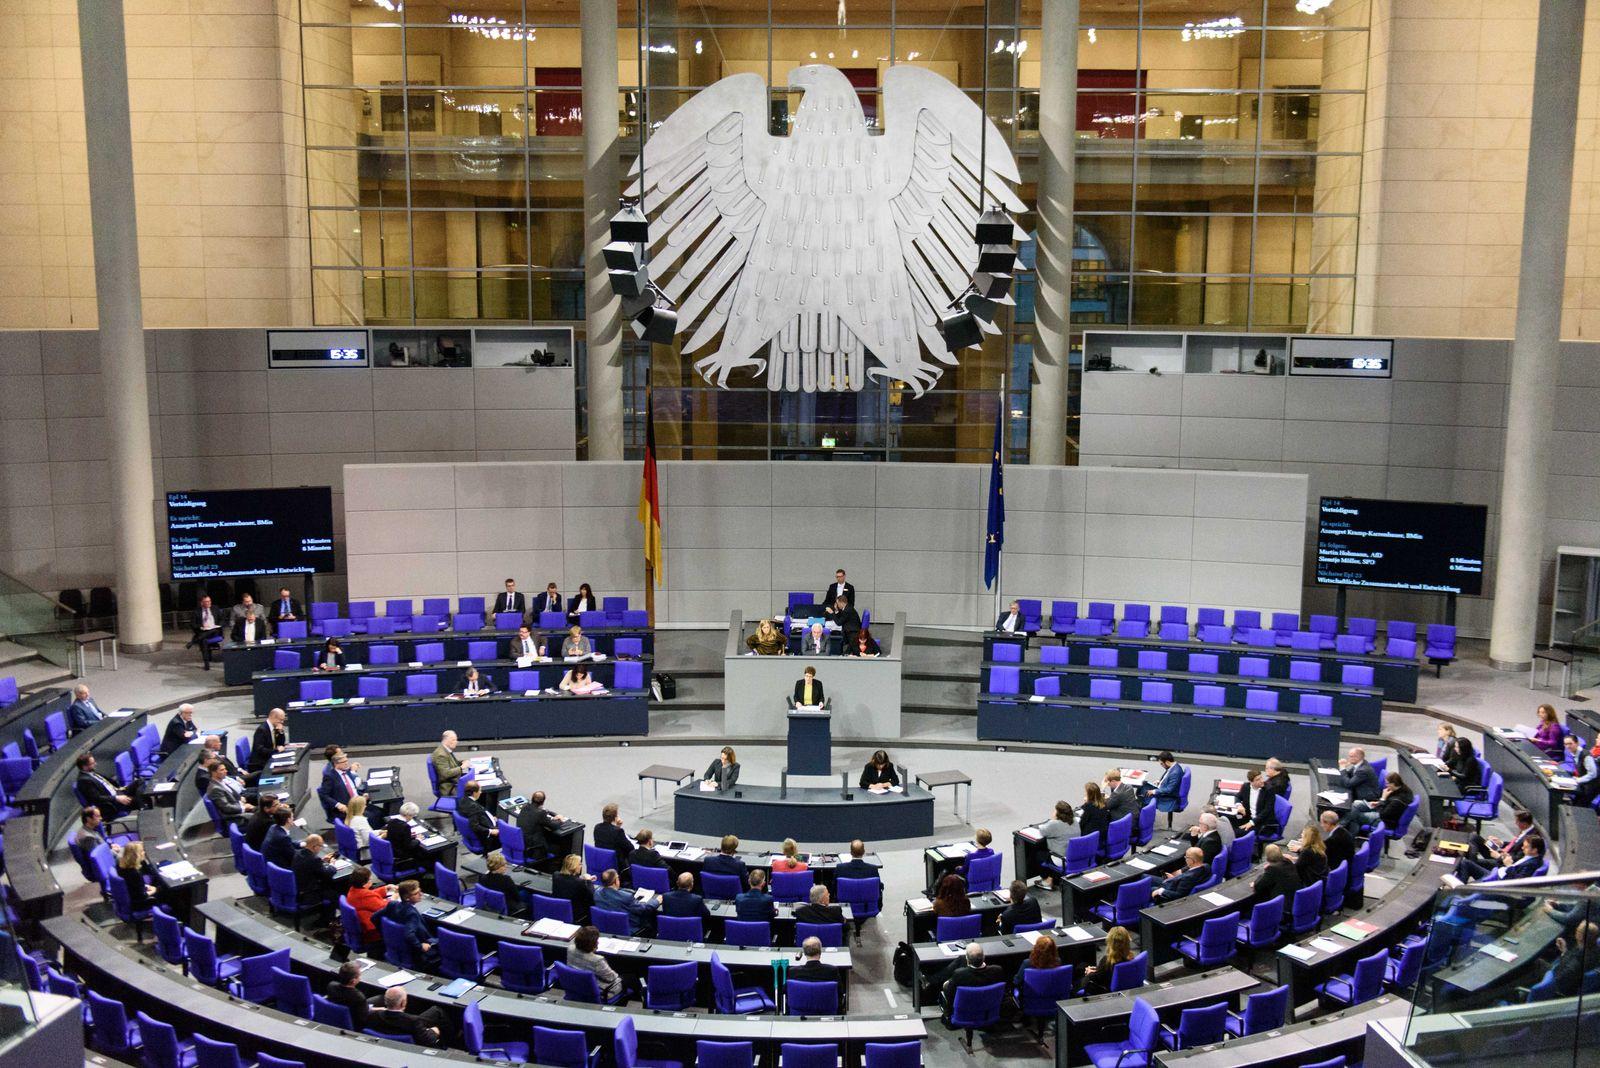 Berlin, Plenarsitzung im Bundestag Deutschland, Berlin - 27.11.2019: Im Bild ist Annegret Kramp-Karrenbauer (Verteidigun